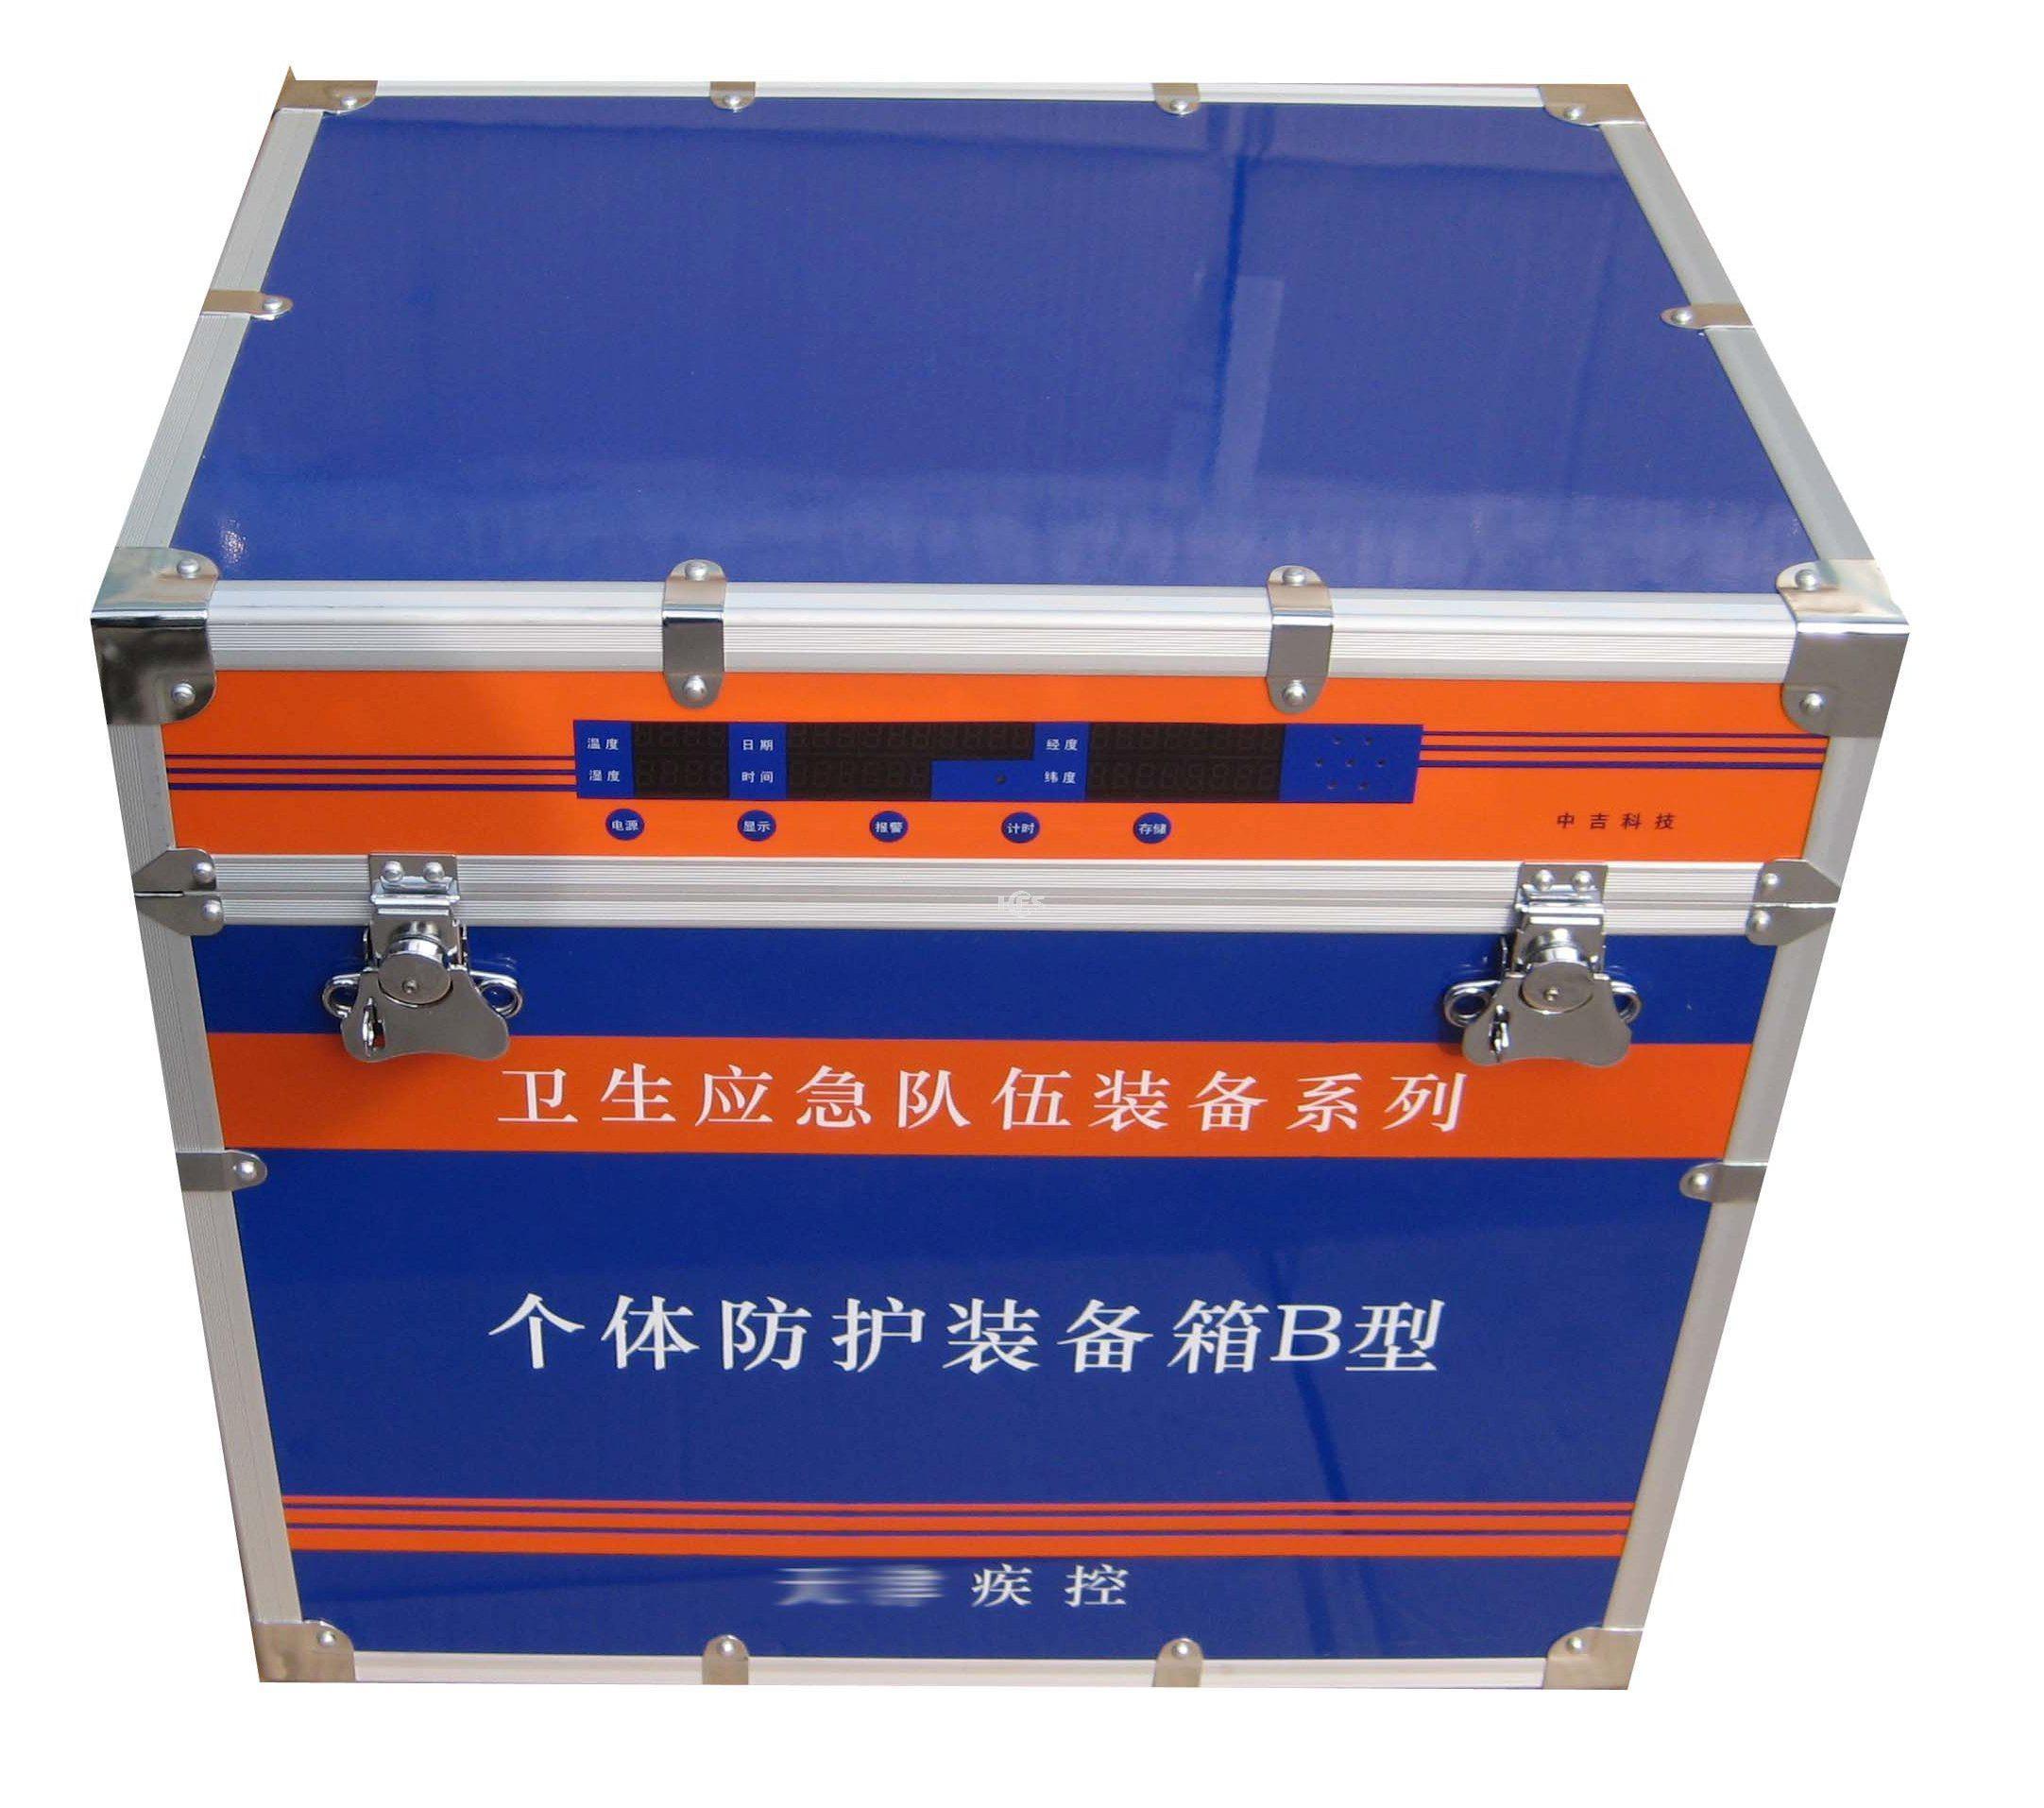 个体化学防护装备箱(中毒处置类)-卫生应急队伍装备